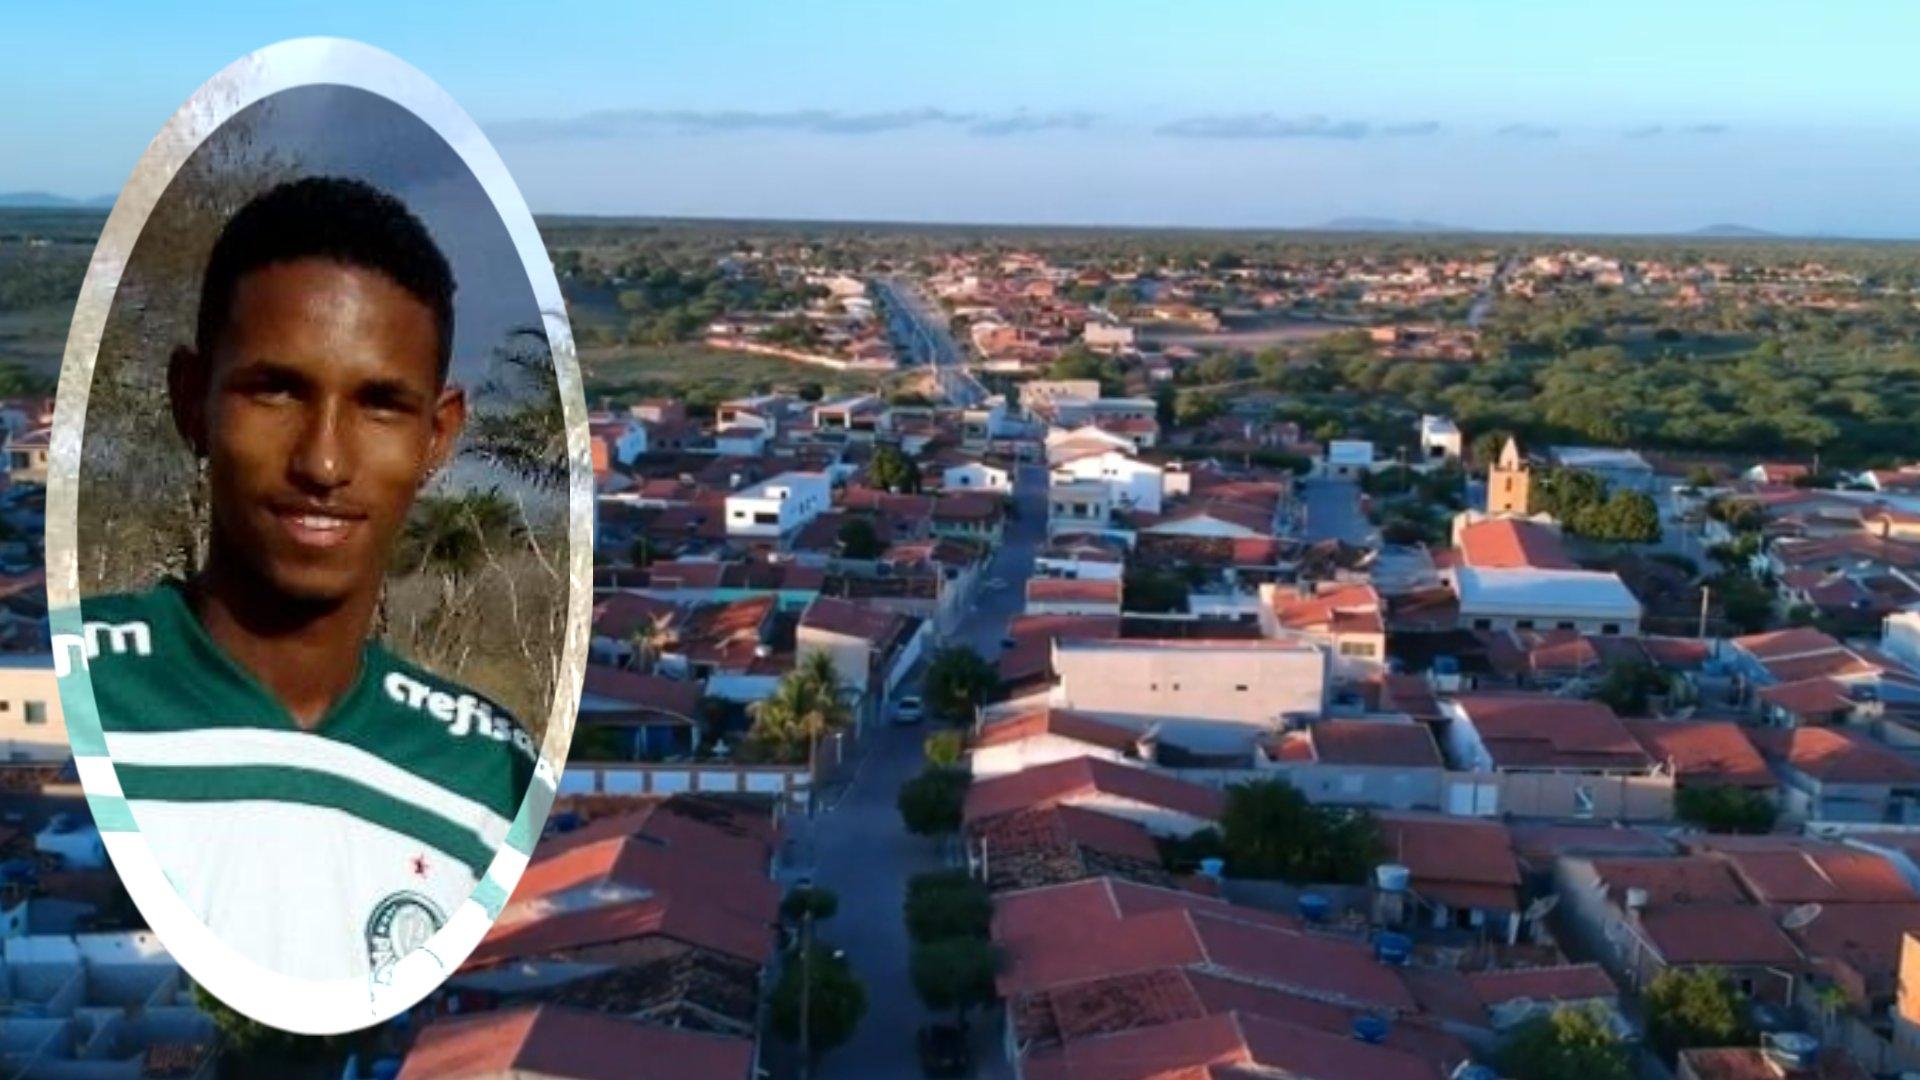 Luto: Jovem morre após passar mal em partida de futebol